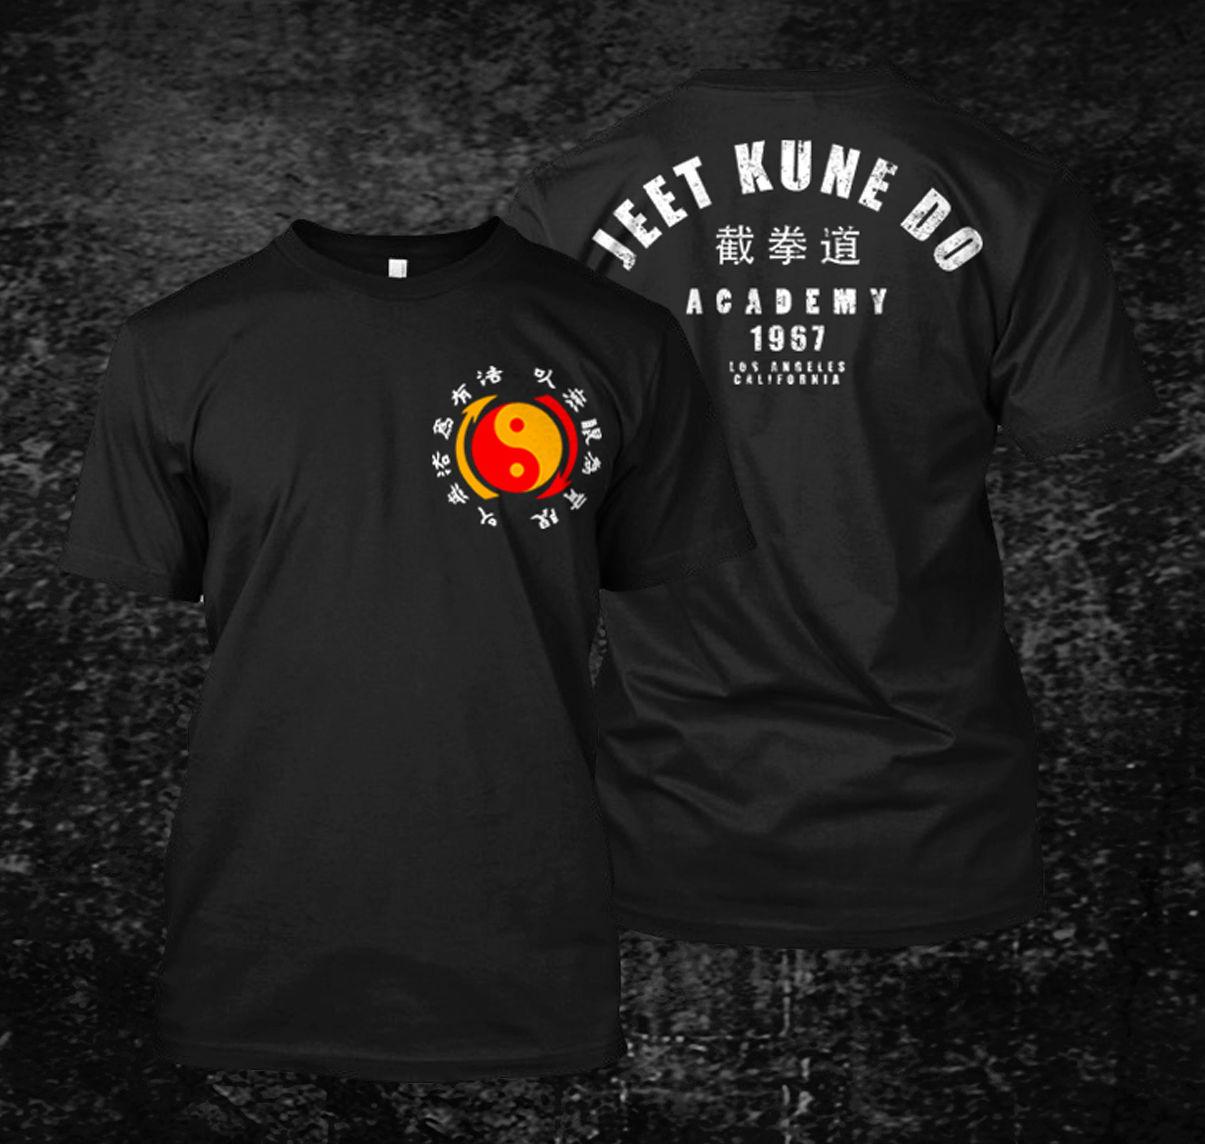 Venda quente jeet kune do academy t-camisa masculina de manga curta 100% algodão t camisa hip hop camisetas topos harajuku streetwear 1